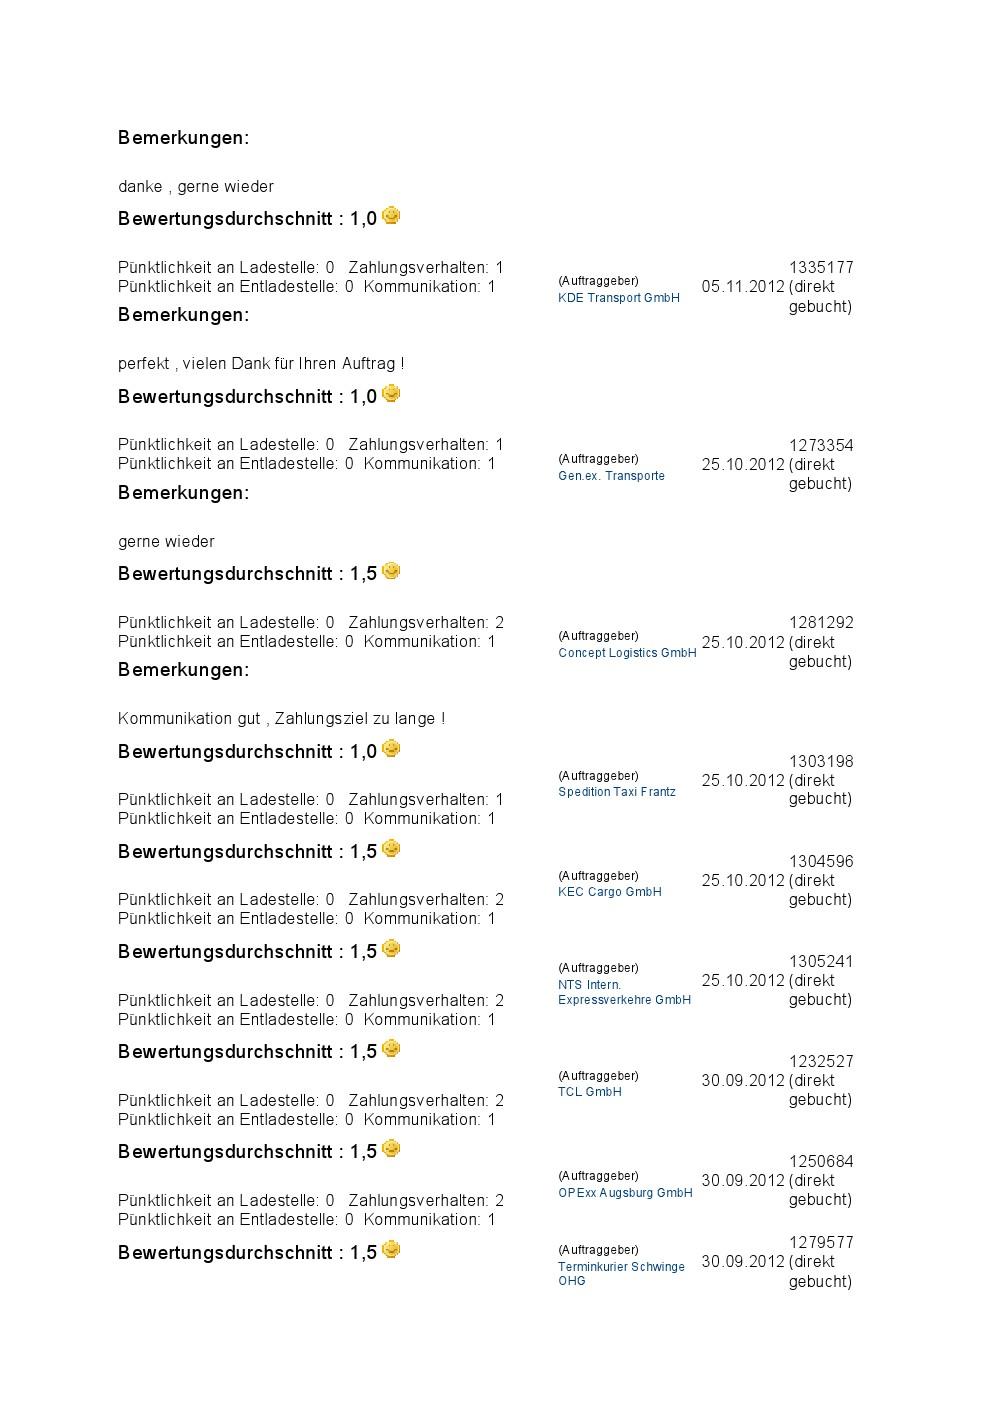 Kurier_Dresden_Sachsen_Referenzen